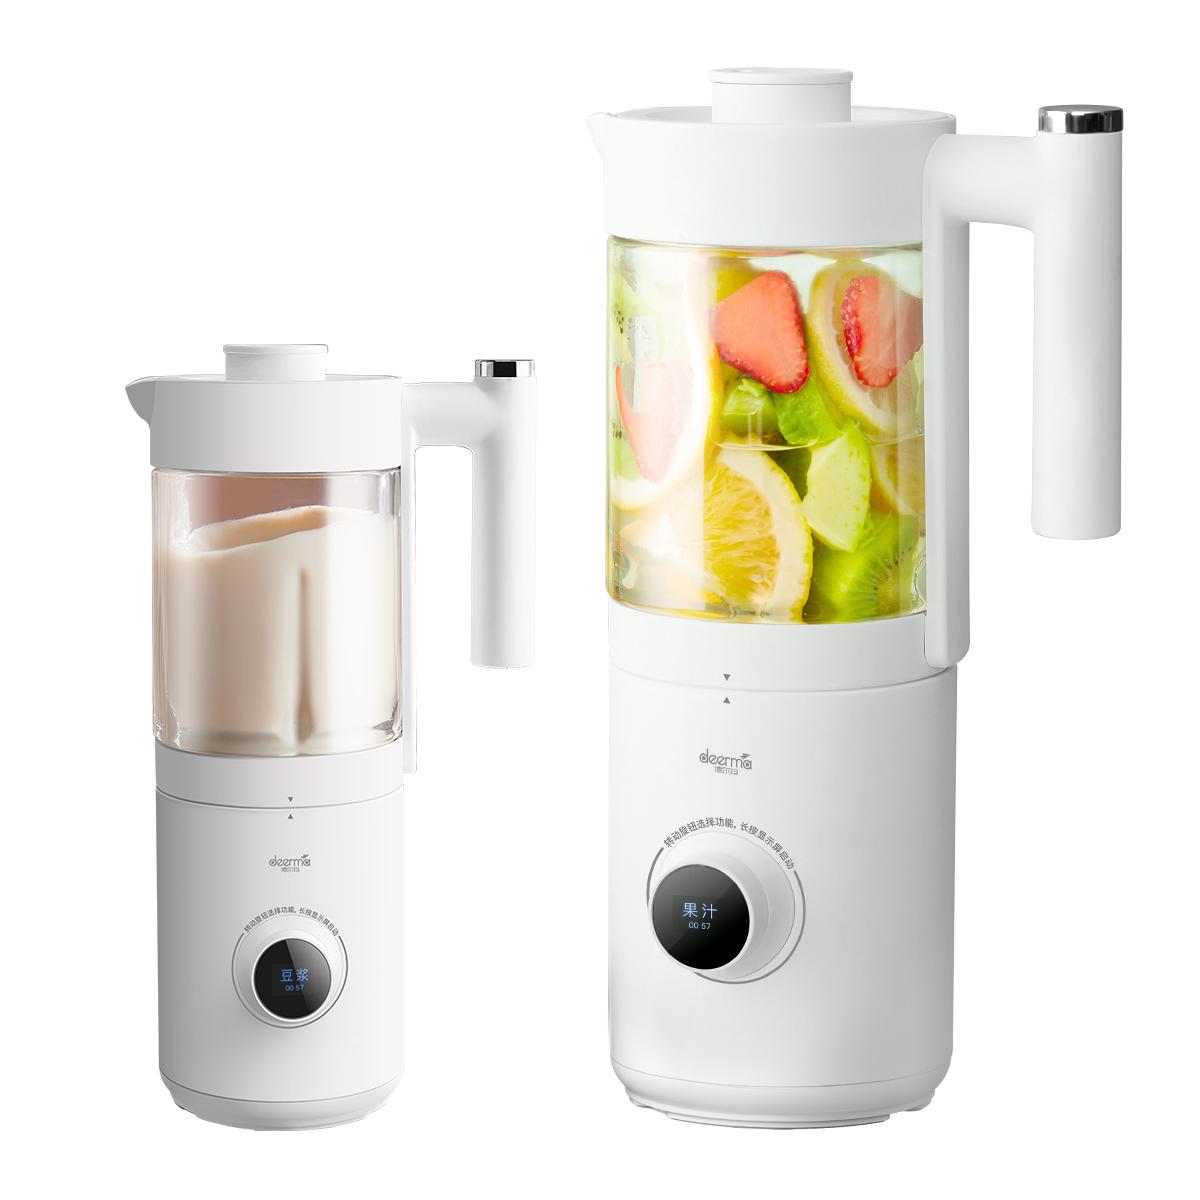 德尔玛破壁机料理机加热多功能全自动不需手洗小型辅食养生豆浆机